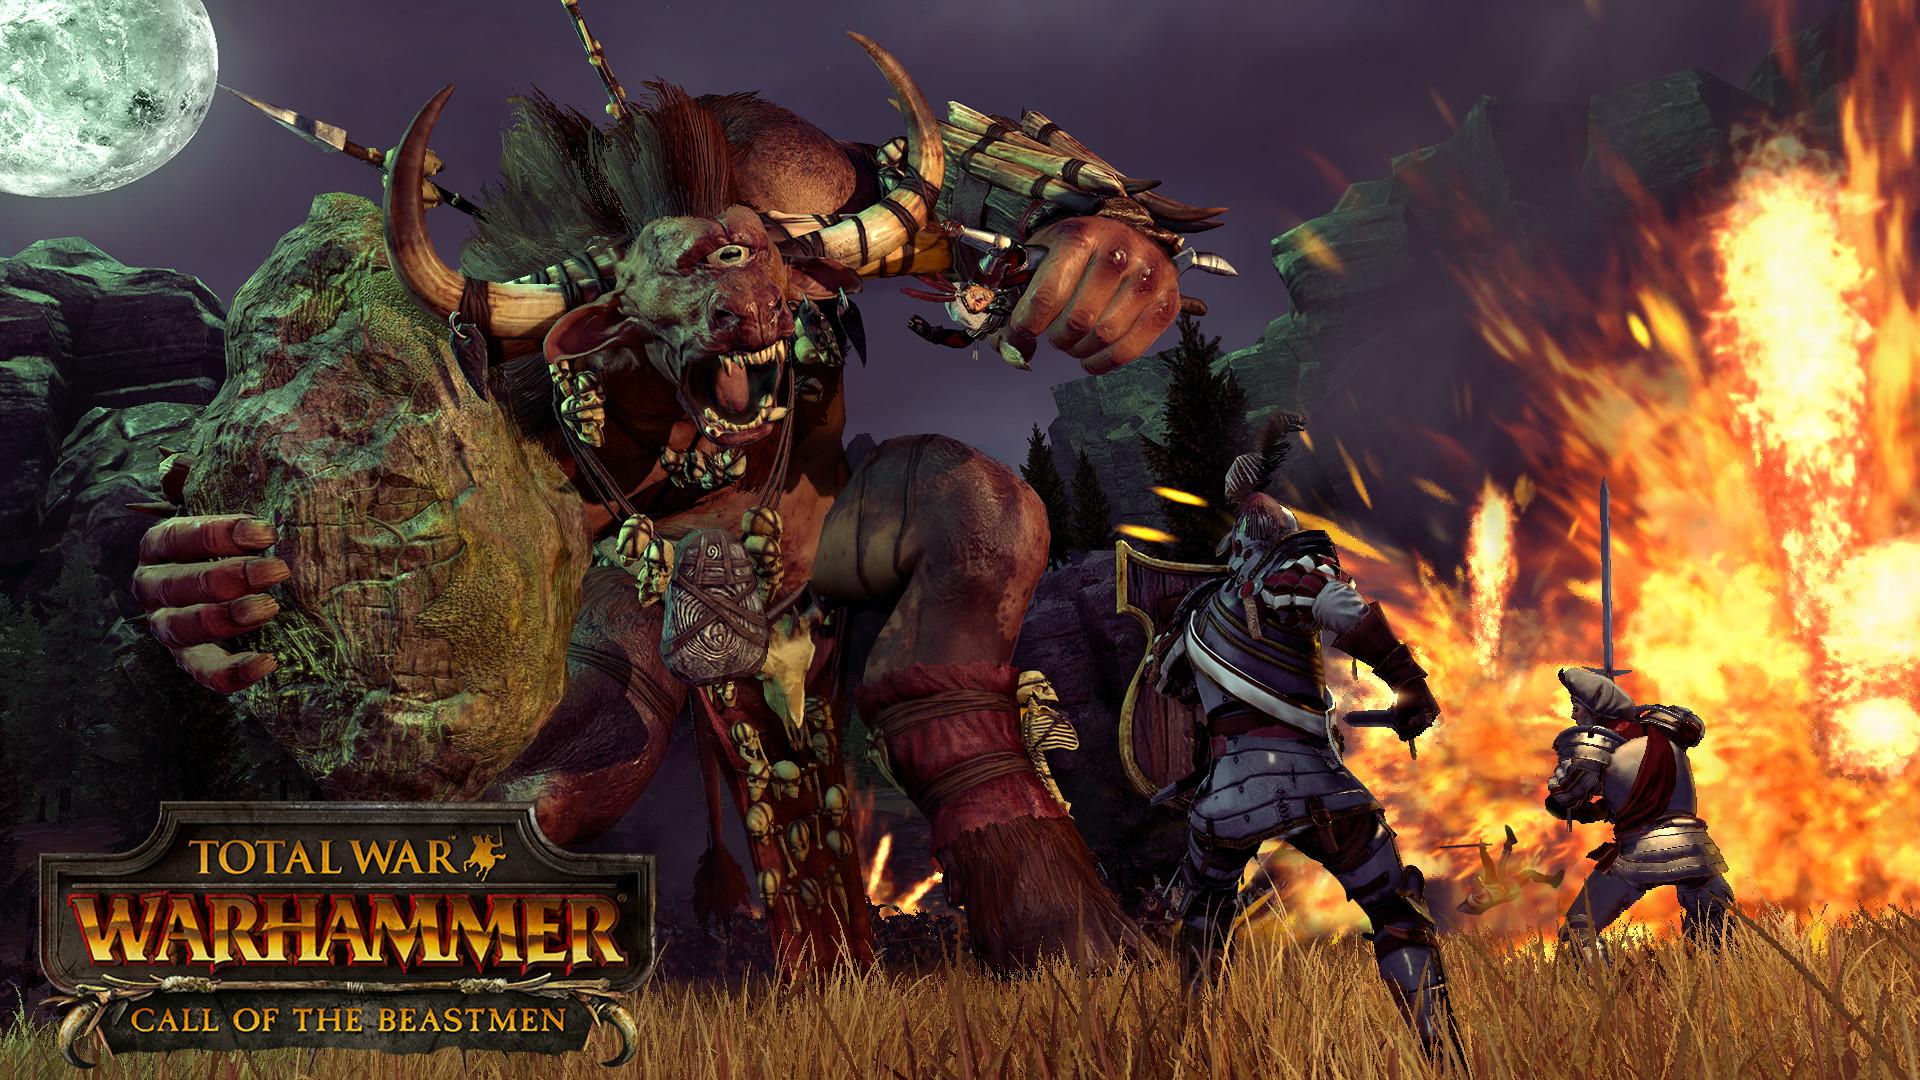 Třetí DLC do Total War: Warhammer bude zaměřeno na Beastmeny 127056